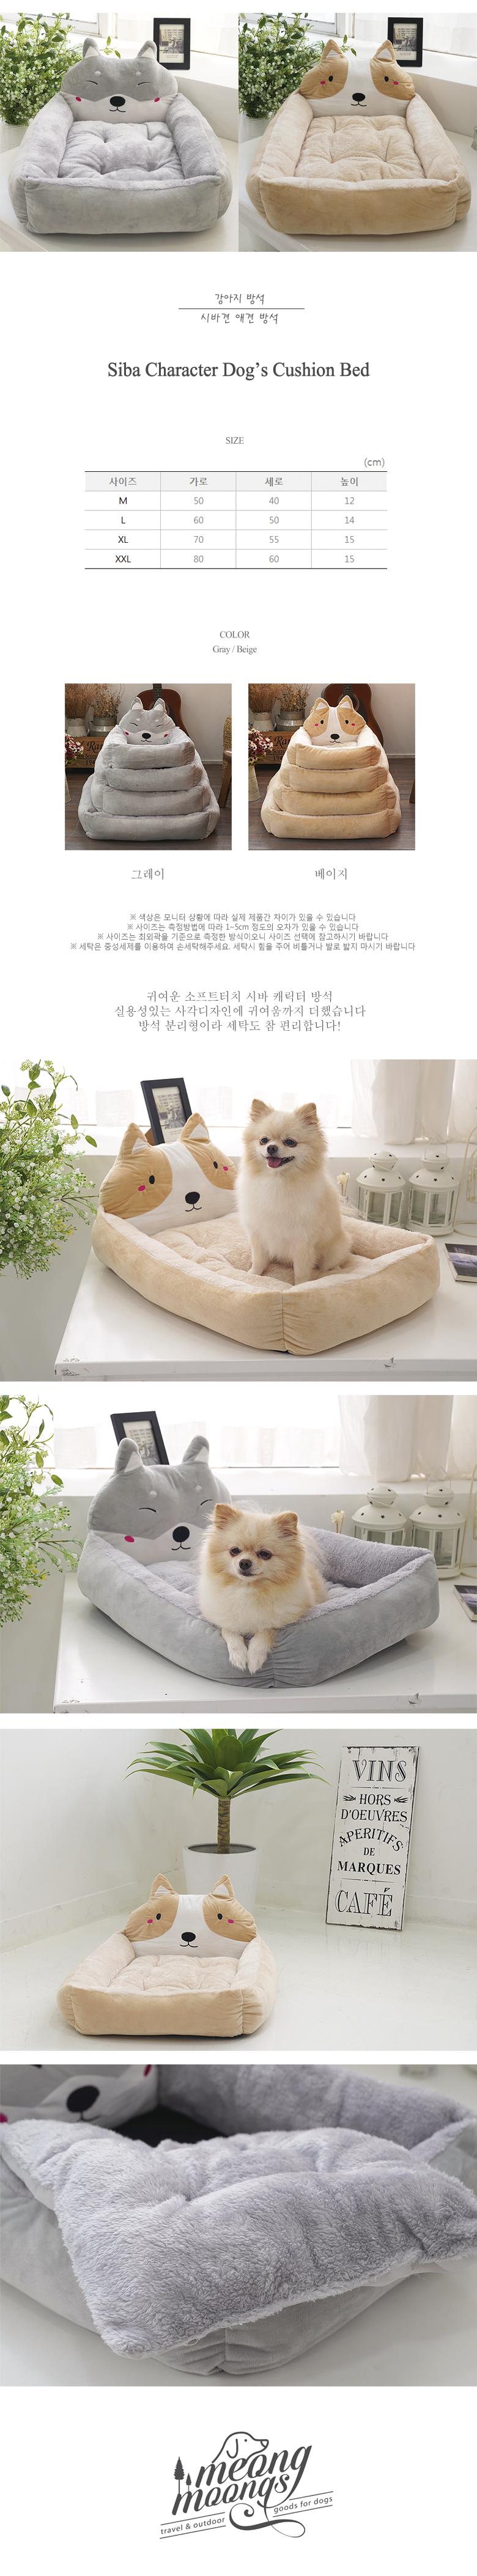 시바견 캐릭터 강아지 방석 - 멍뭉스, 14,900원, 하우스/식기/실내용품, 하우스